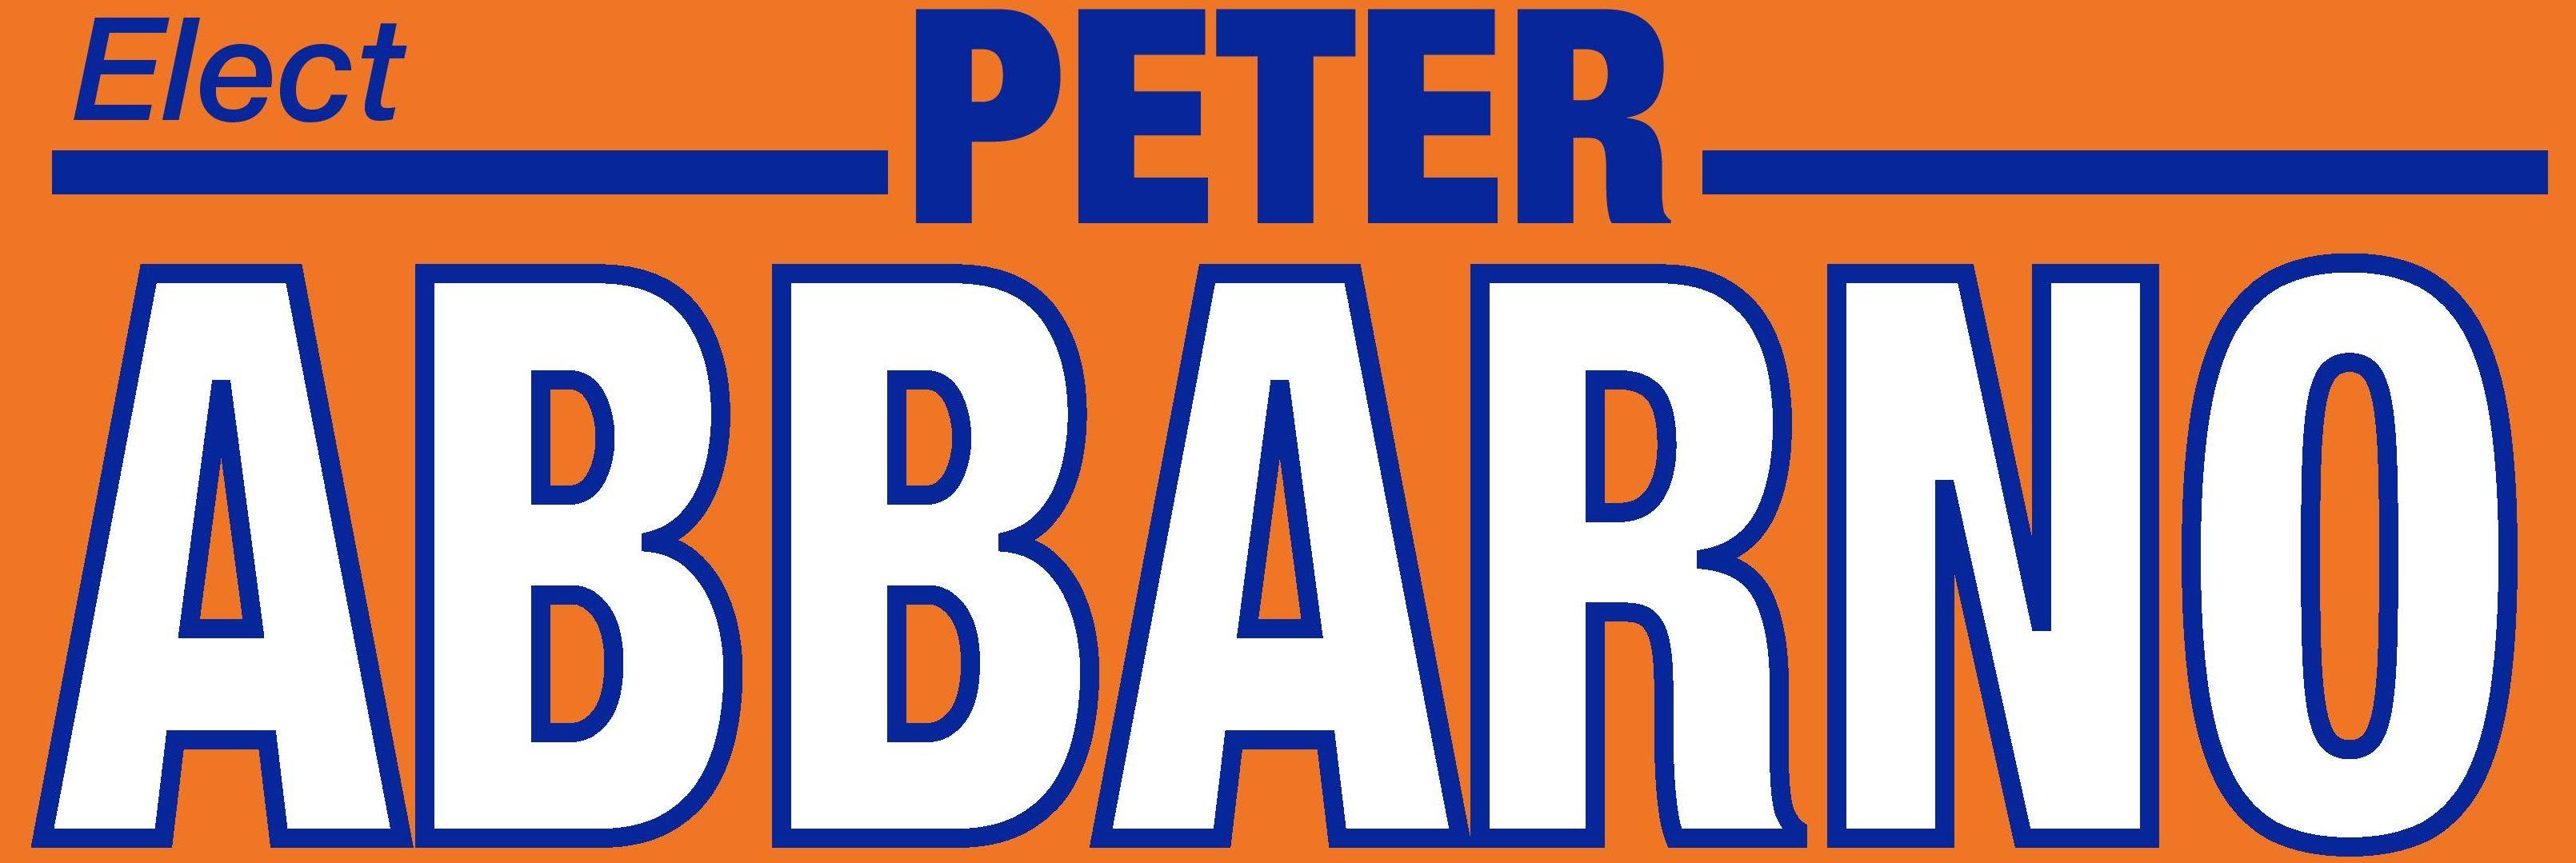 Elect Peter Abbarno